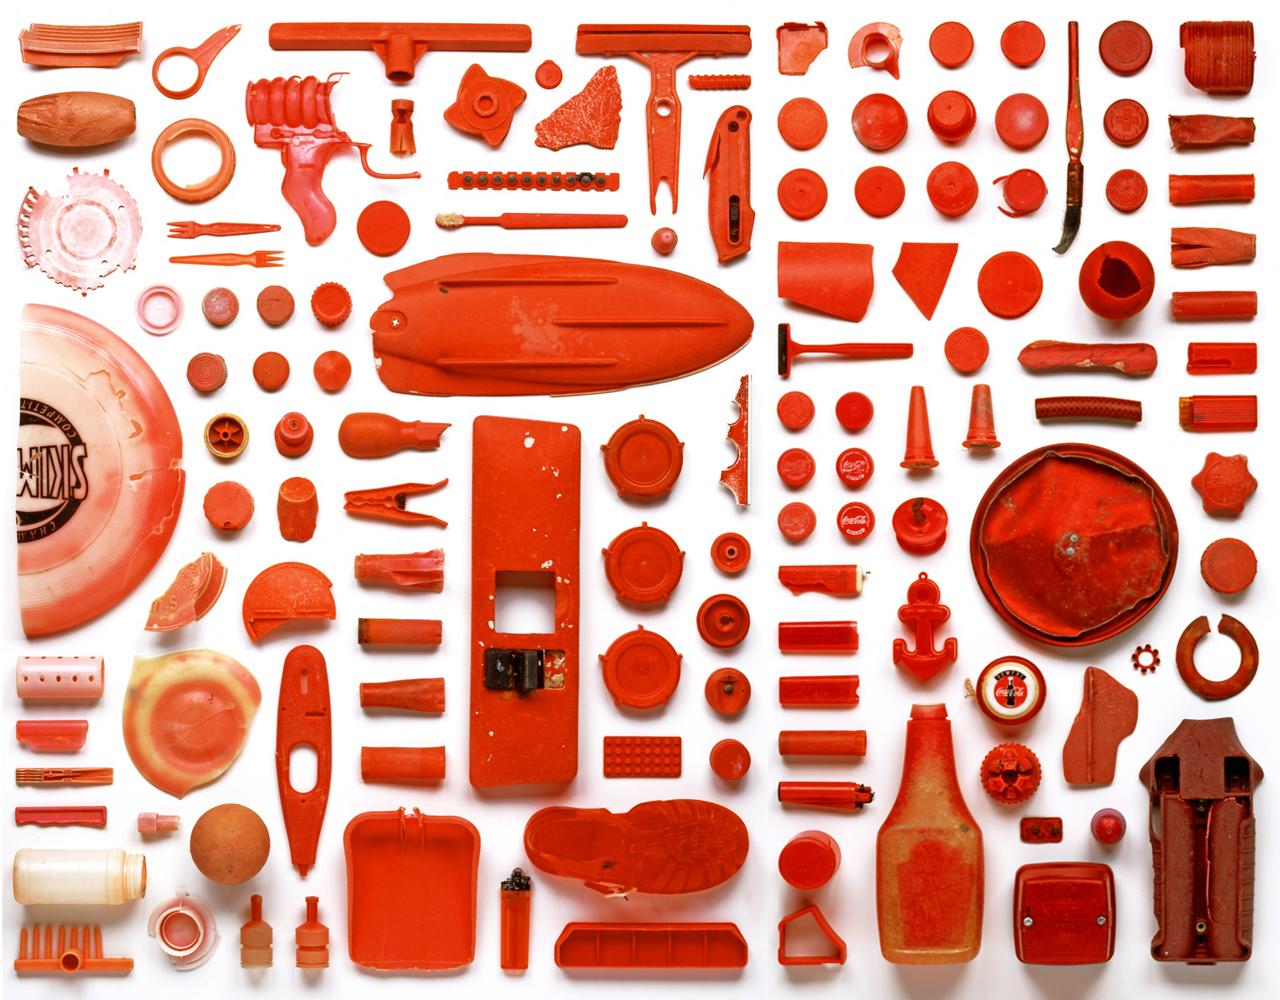 dung.red-landscape.jpg